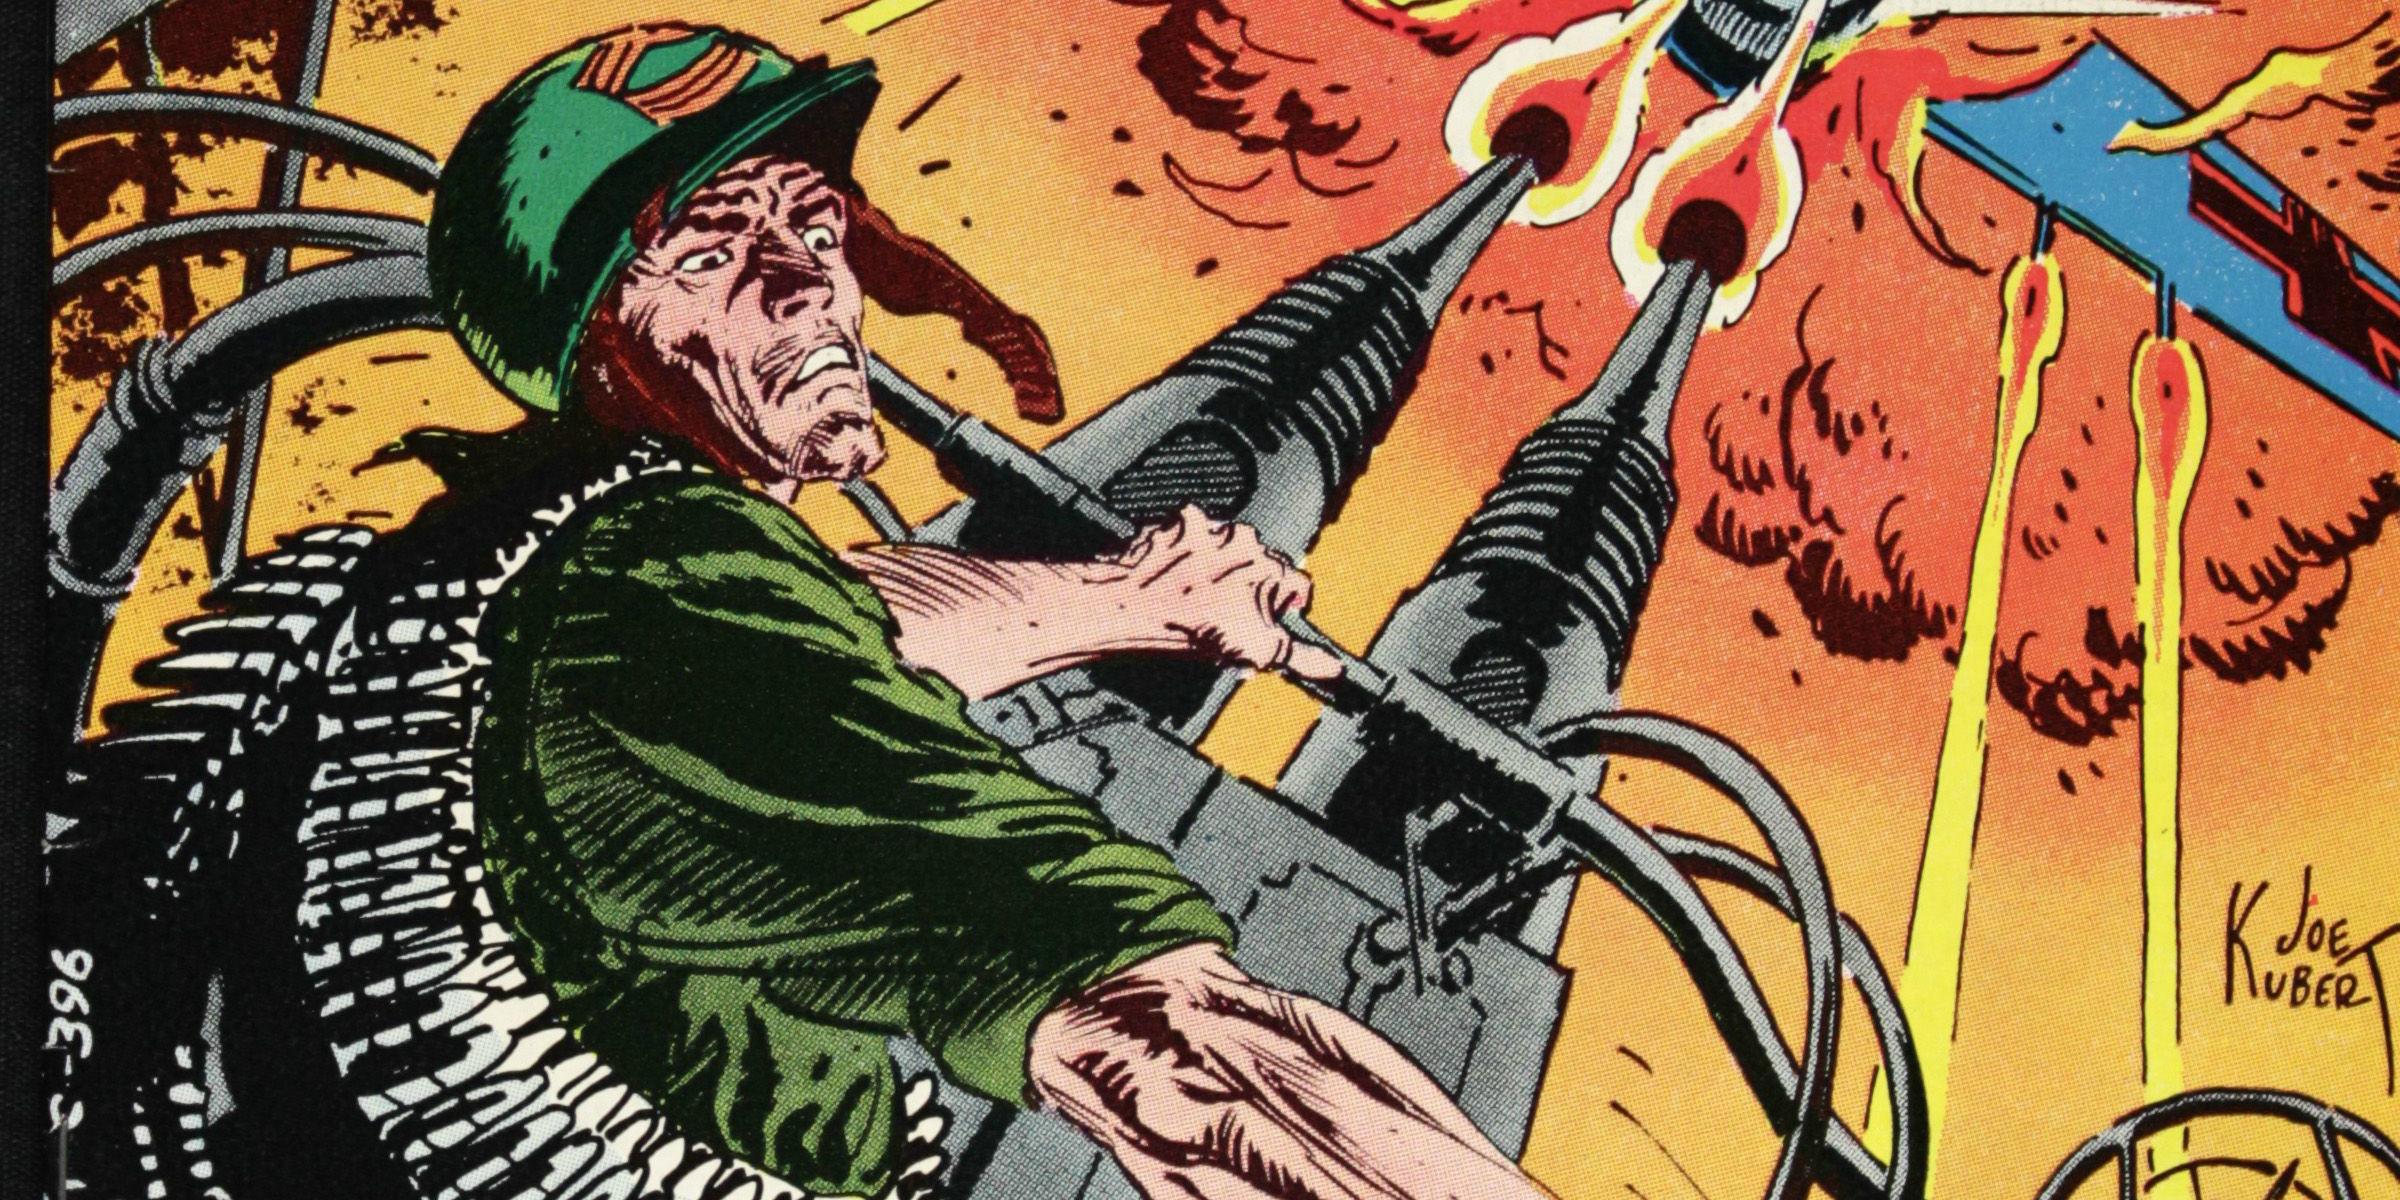 esquadrão-suicida-comparação-hq-quadrinhos-filme-robert-kanigher-ross-andru-3